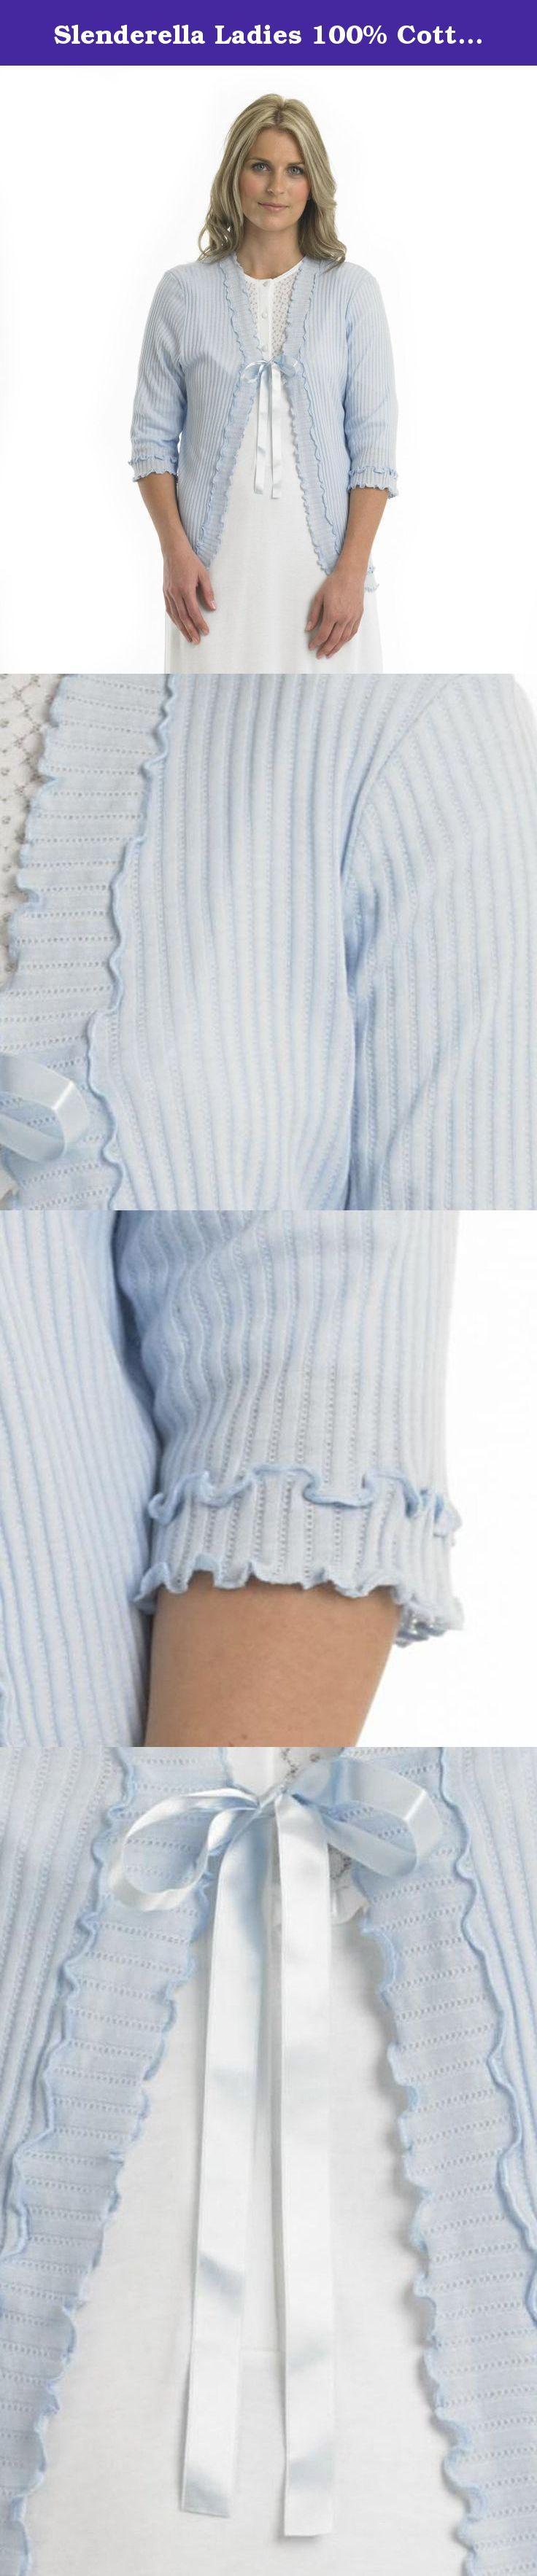 Slenderella Ladies 100 Cotton Lightweight Bed Jacket Frilled Trim